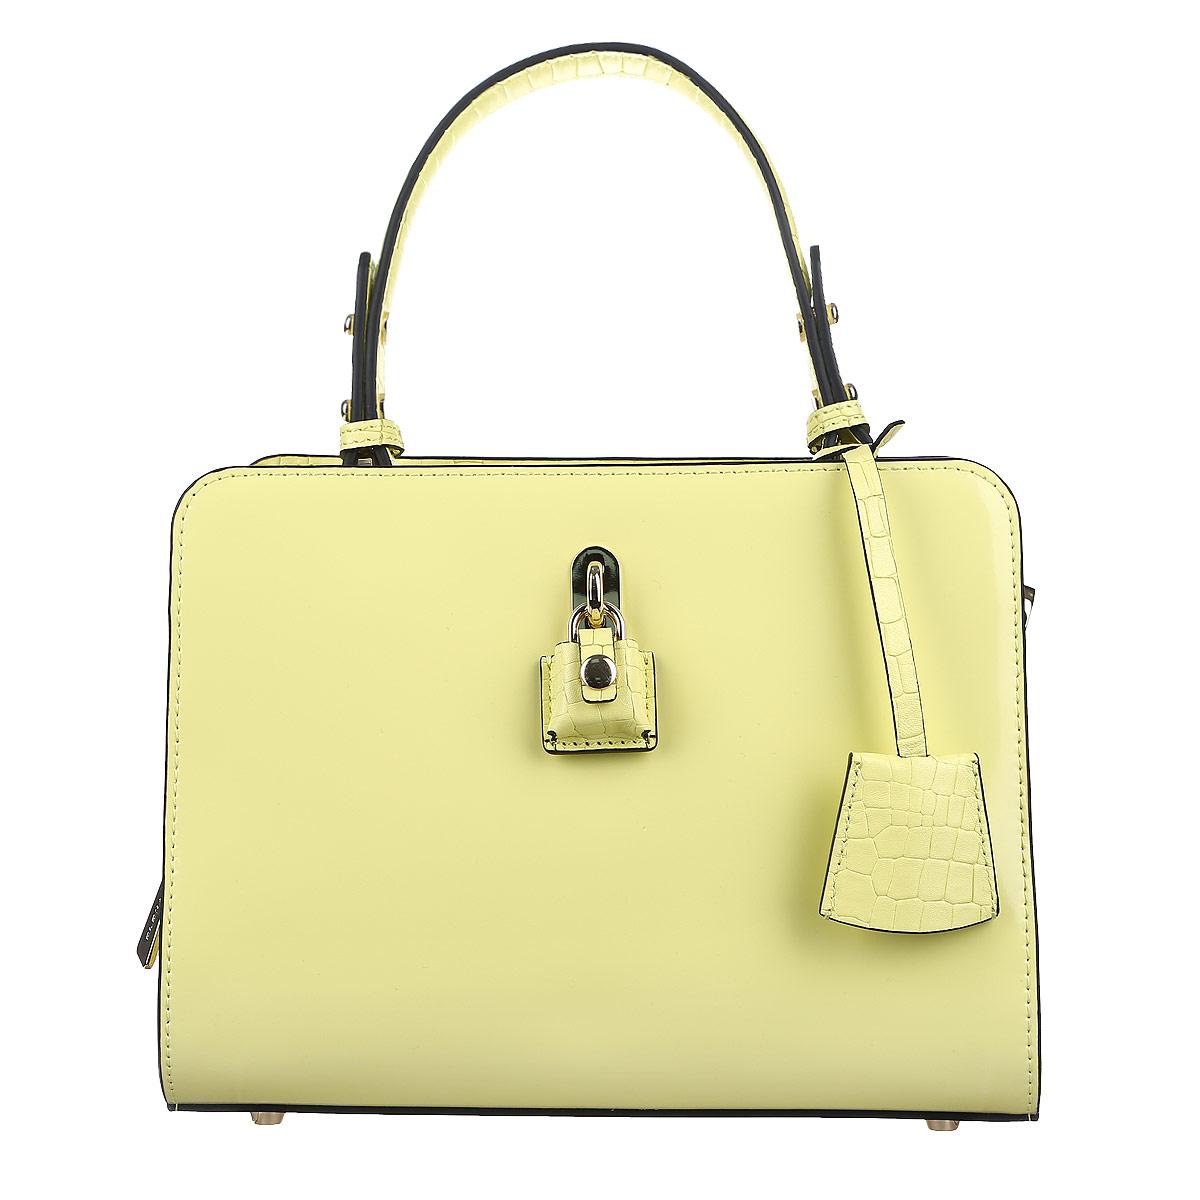 Сумка женская Eleganzza, цвет: пастельно-желтый. ZQ-37150AZQ-37150A_пастельно-желтыйИзысканная женская сумка Eleganzza выполнена из натуральной кожи. Сумка закрывается на две металлические молнии. Внутри два отделения. В первом отделении есть два накладных кармашка для мелочей и телефона. Во втором отделении врезной карман на застежке-молнии. Задняя сторона дополнена плоским врезным карманом на застежке-молнии. Сумка украшена декоративной подвеской на кожаном шнурке. Две ручки сумки крепятся на металлическую фурнитуру золотого цвета. Дно сумки защищено металлическими ножками, обеспечивающими дополнительную устойчивость. В комплекте чехол для хранения. Блестящий дизайн сумки, сочетающий классические формы с оригинальным оформлением, позволит вам подчеркнуть свою индивидуальность и сделает ваш образ изысканным и завершенным.